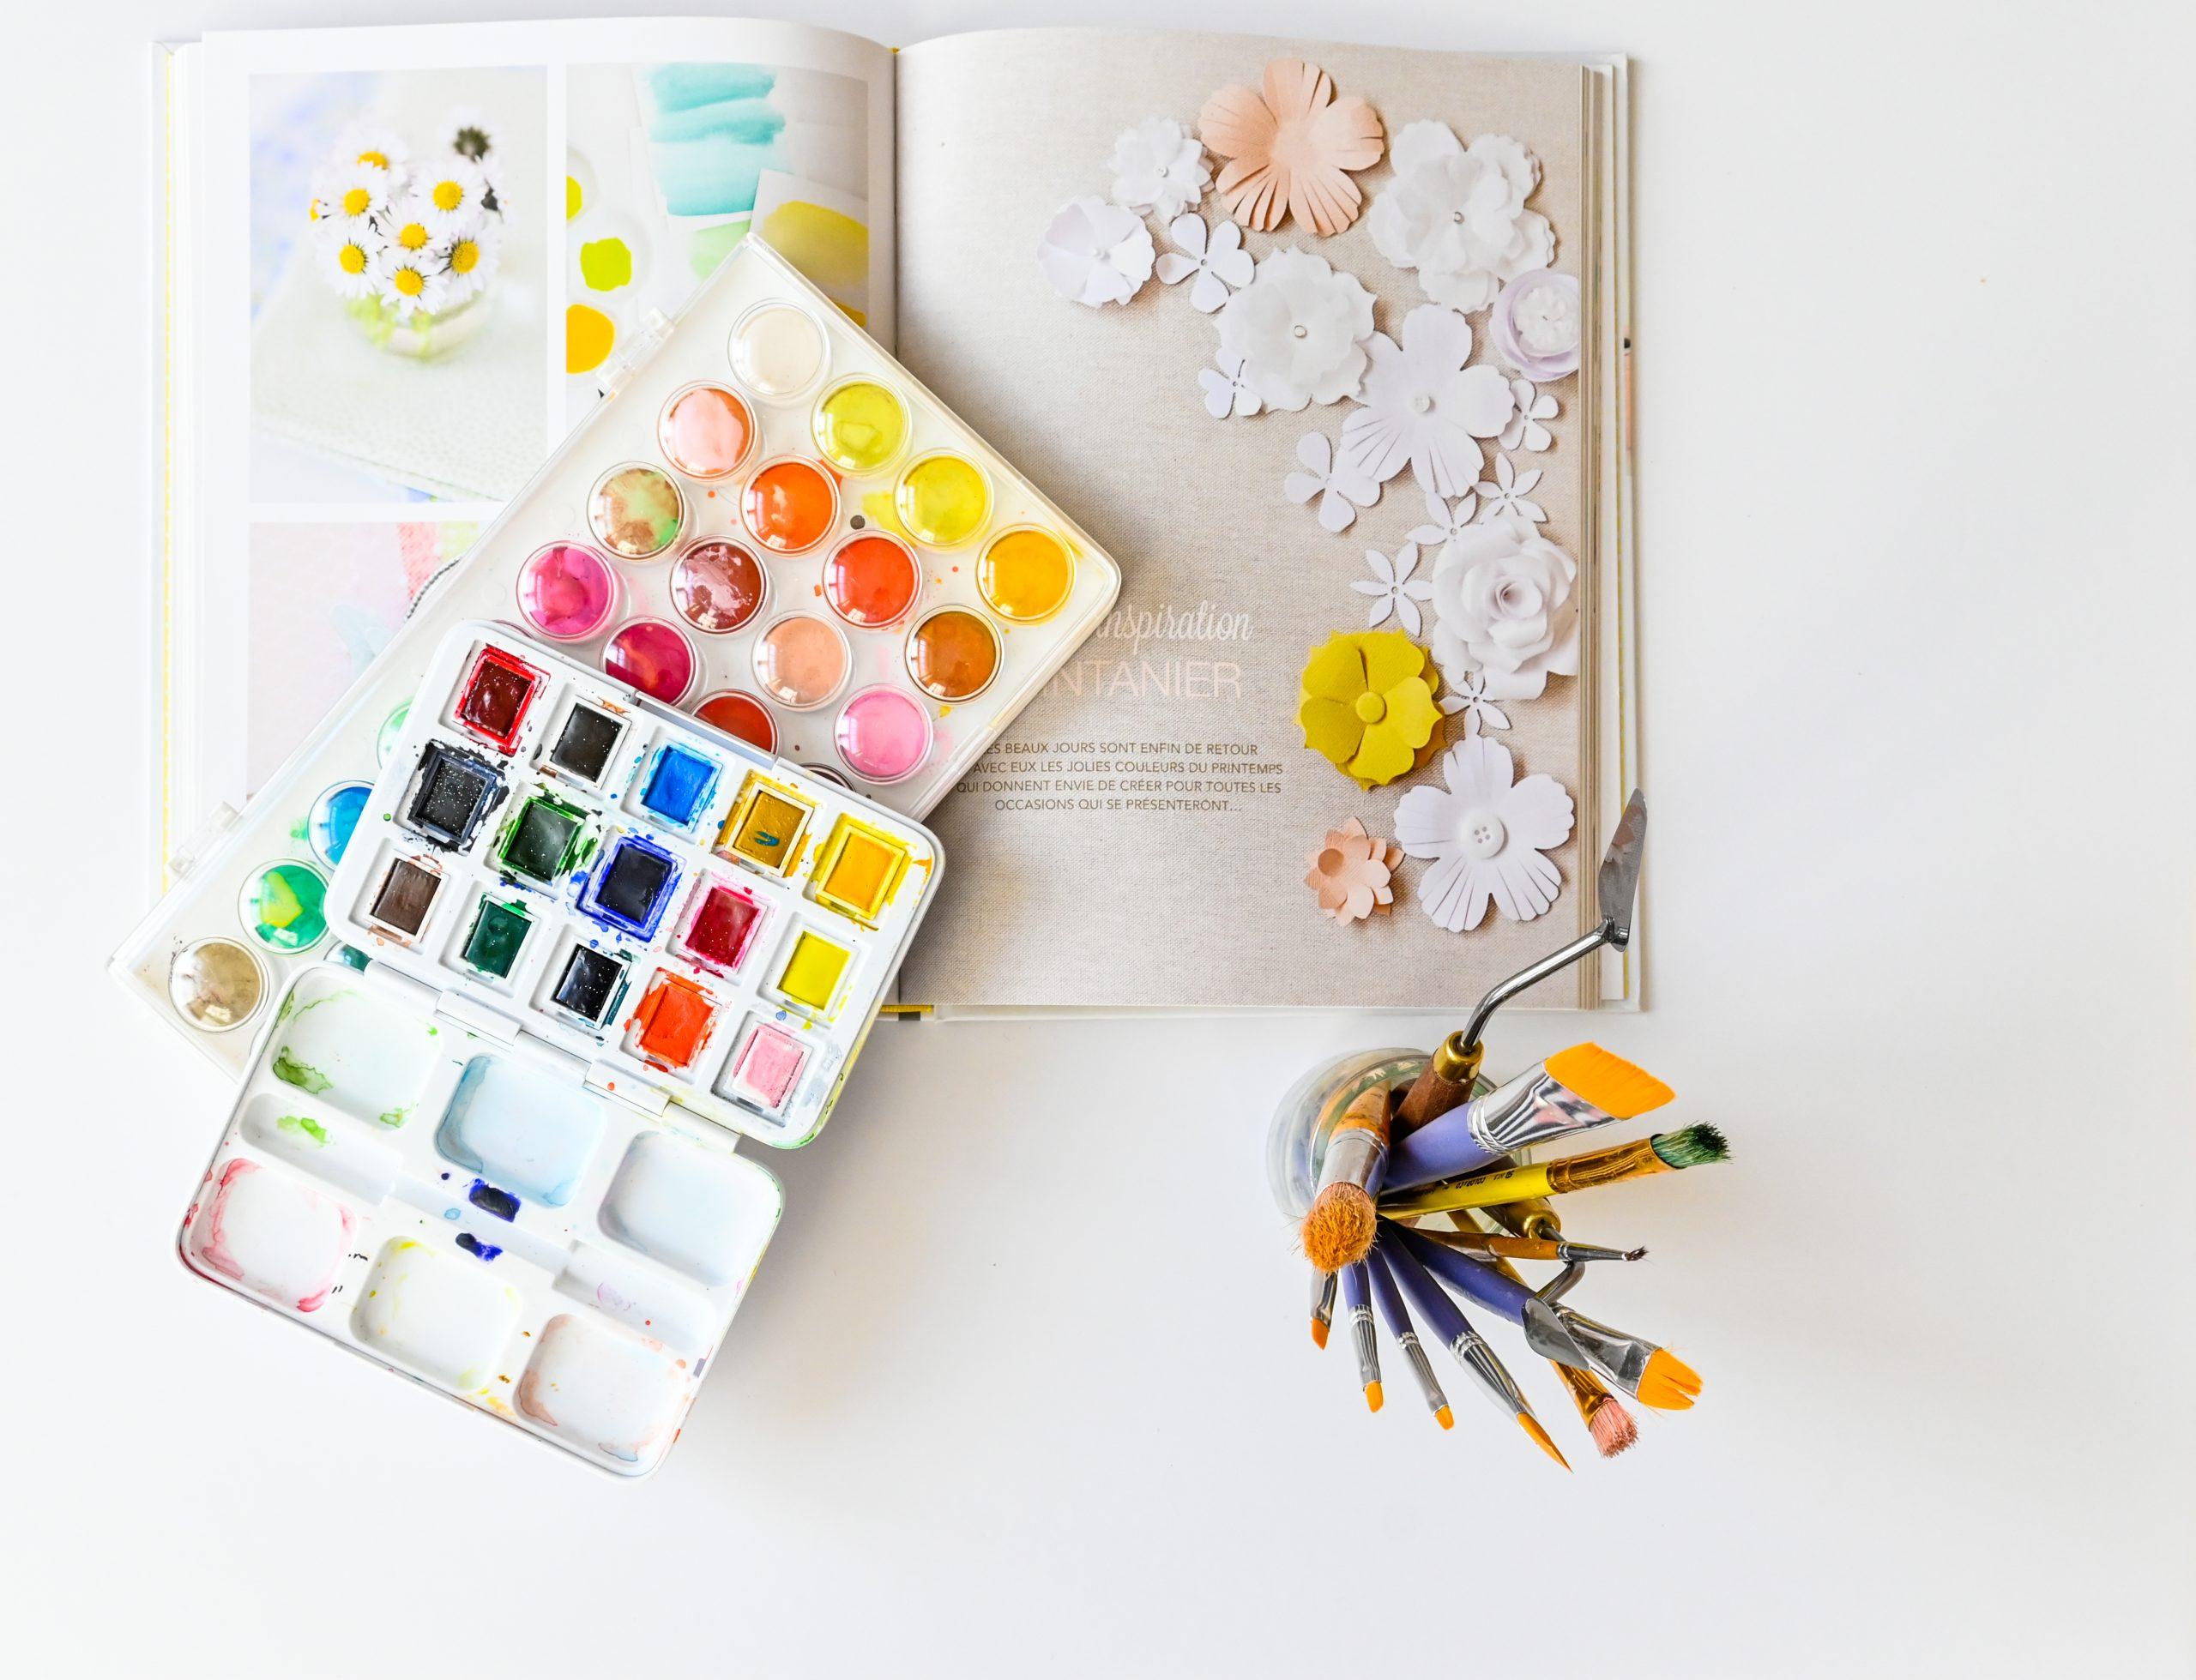 atelier creatif palette d'aquarelle pinceaux livre scrapbooking